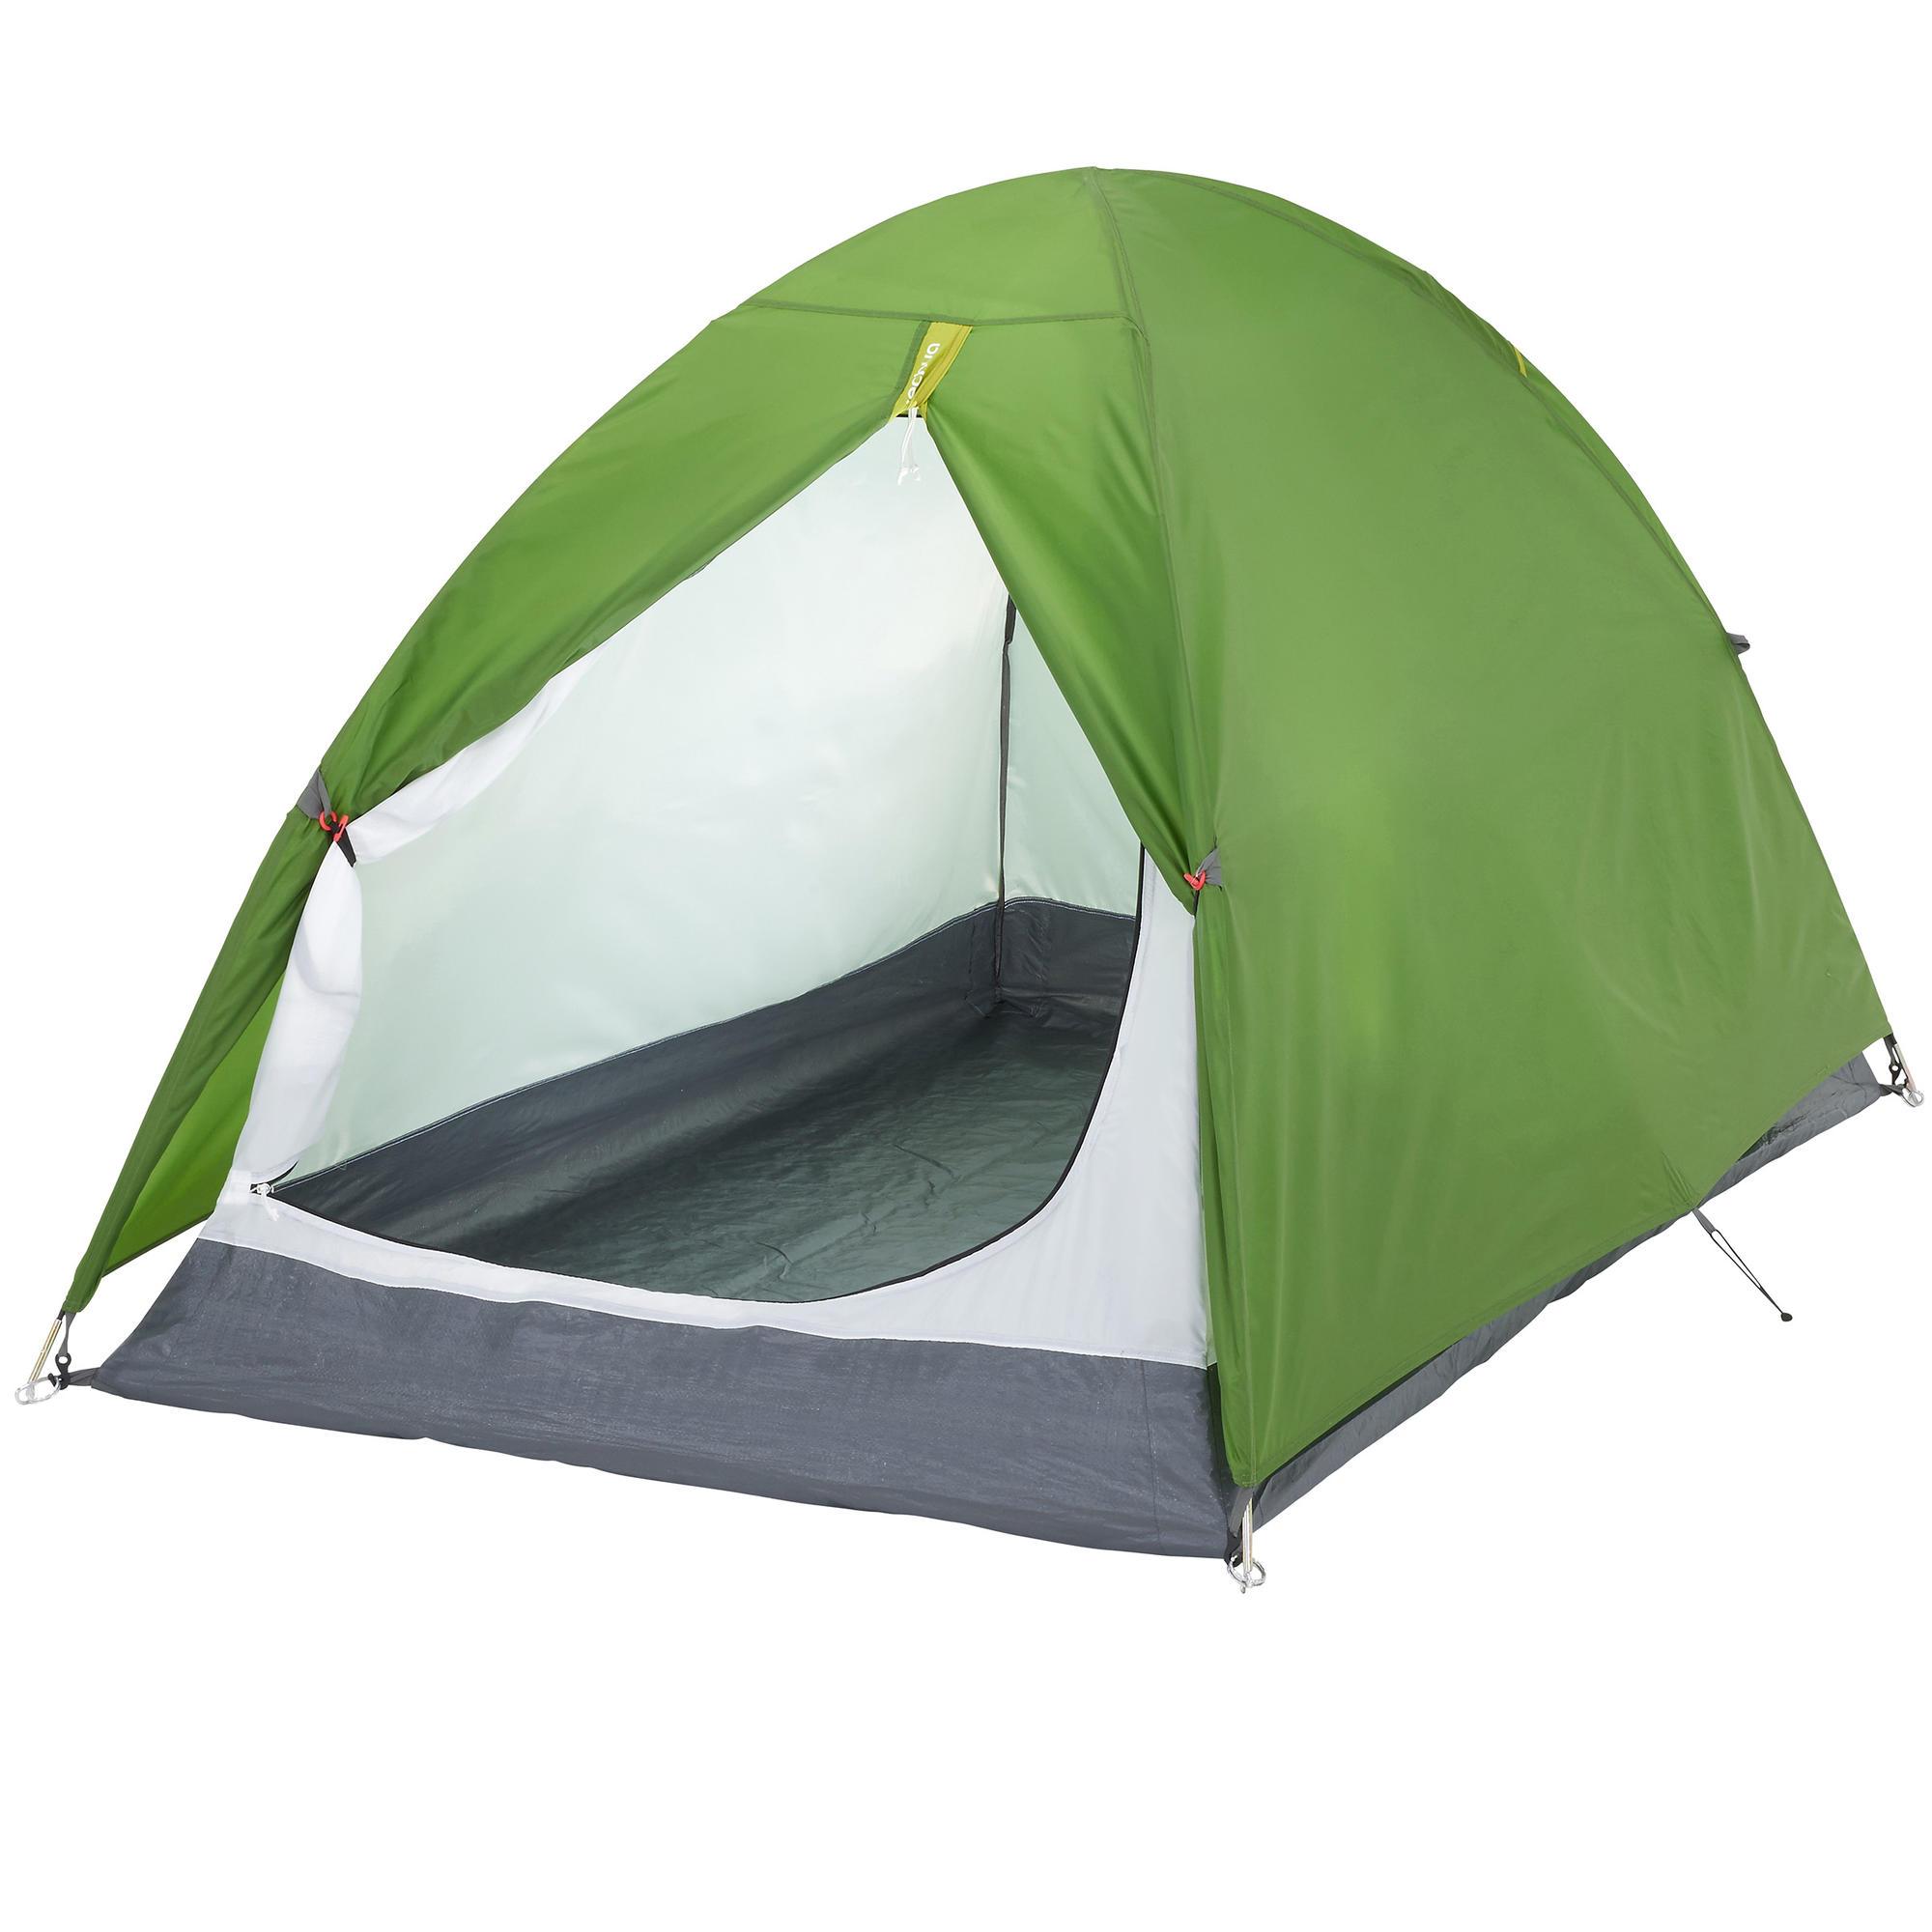 Arpenaz Tent 2 Man Green Quechua